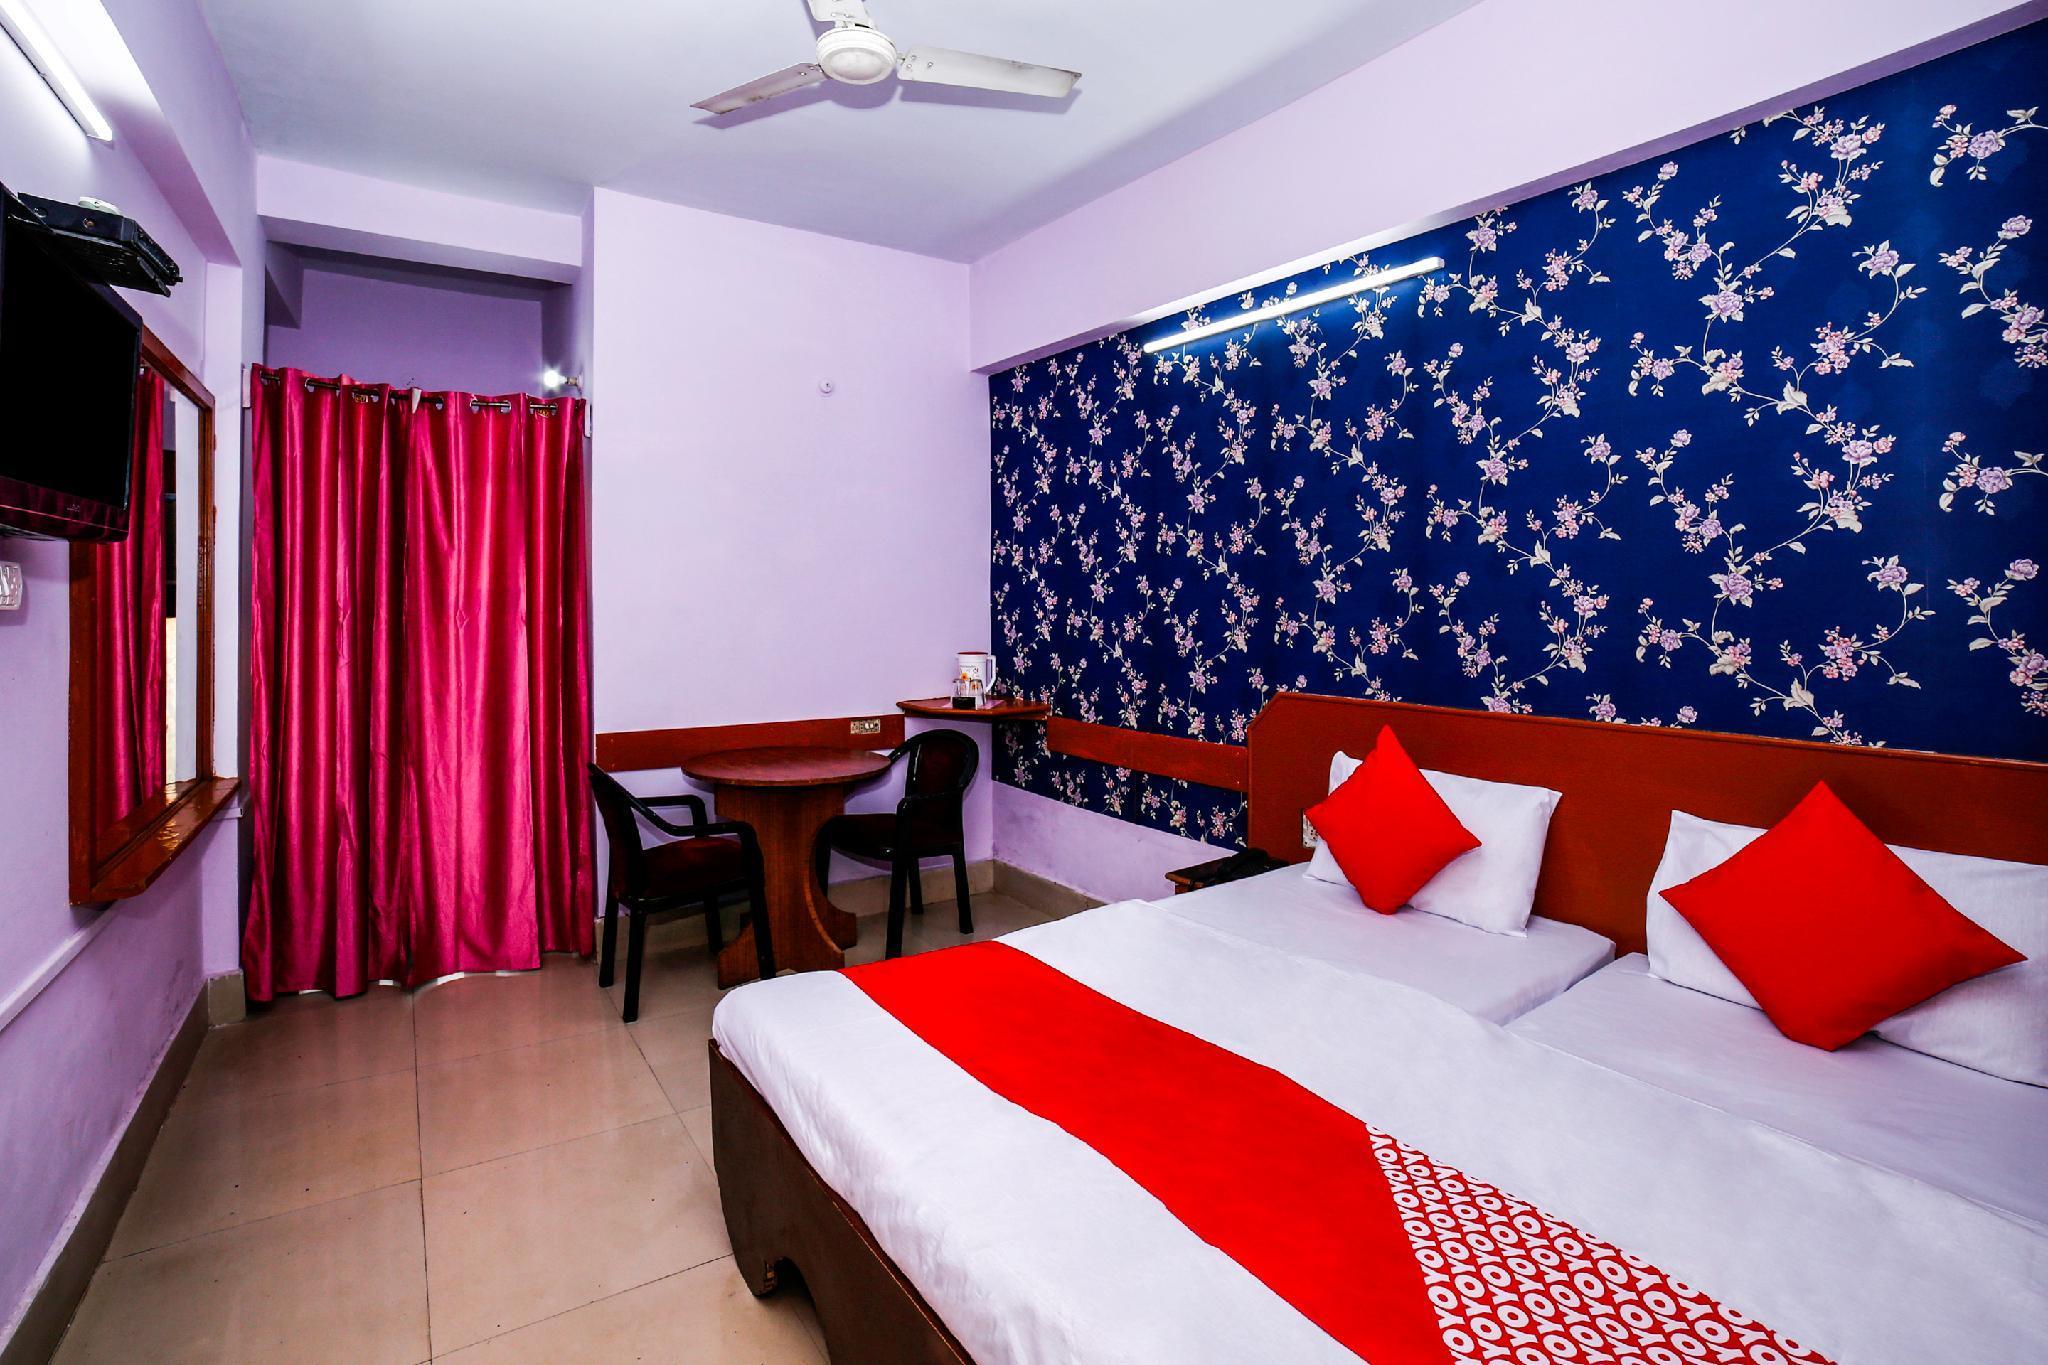 OYO 26799 Hotel Tourist, Gwalior